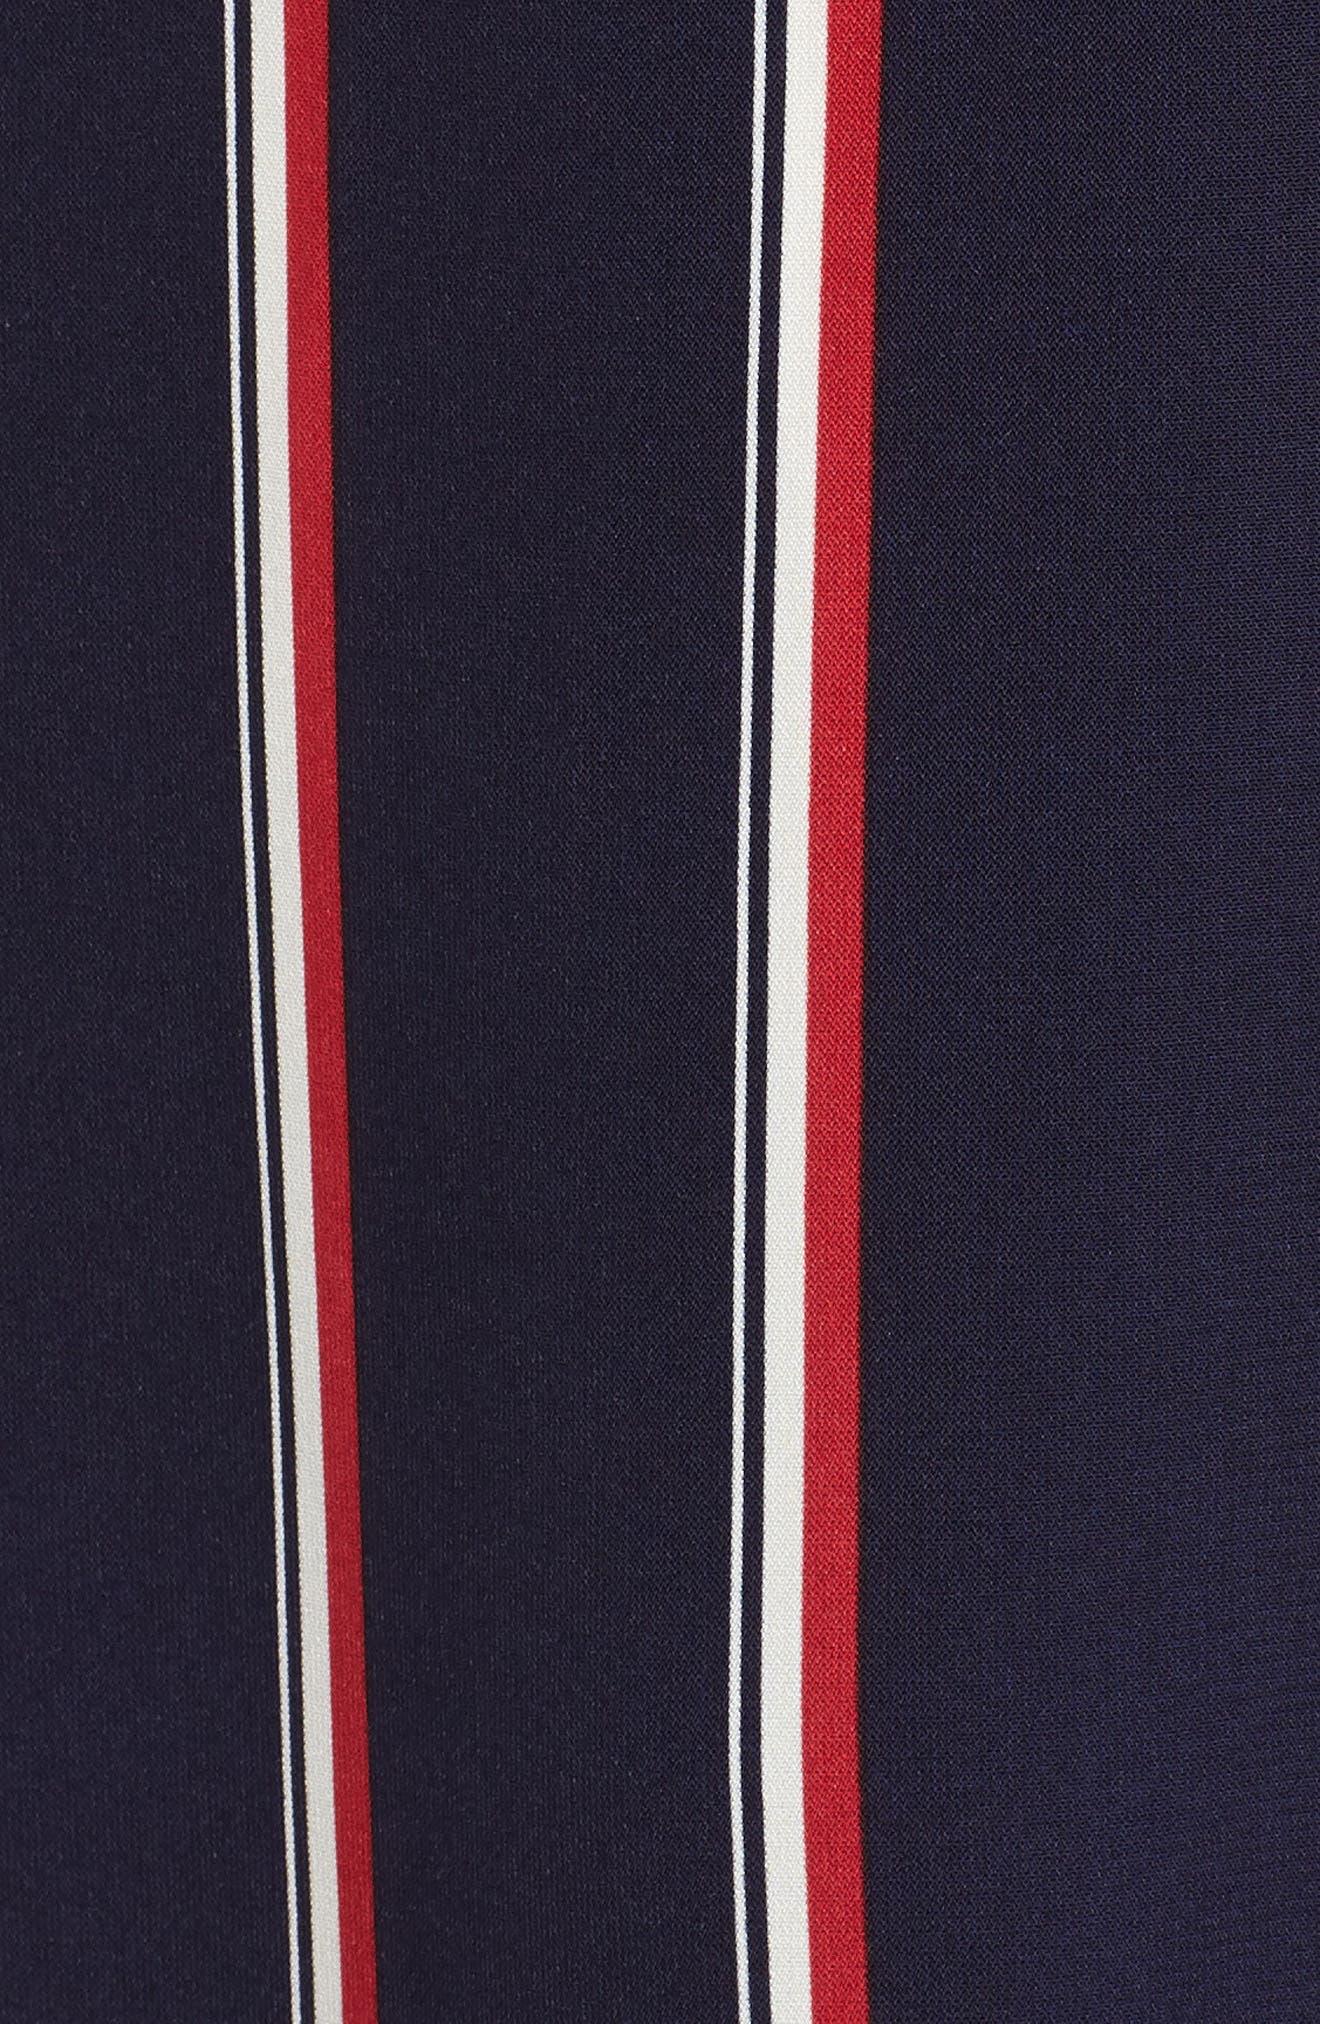 Print Maxi Dress,                             Alternate thumbnail 5, color,                             400